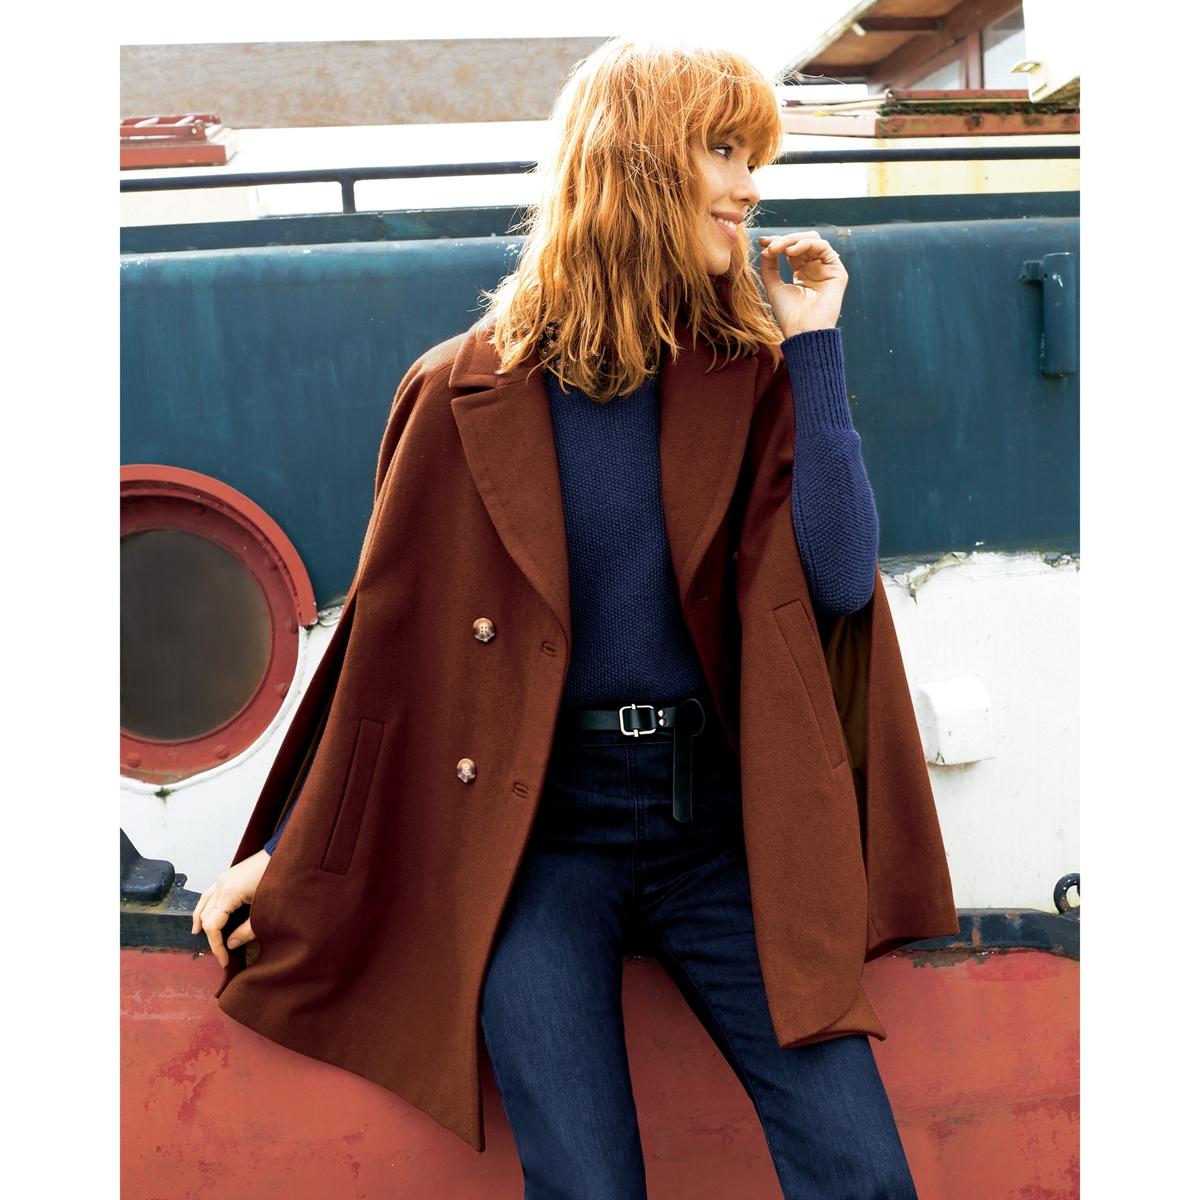 КейпКейп, новое пальто в этом сезоне ! Пиджачный воротник. Застежка на пуговицы. 2 прорезных кармана по бокам. Вышивка золотистый бантик с внутренней стороны на спинке вверху  .Состав и описание : Материал 38% шерсти, 28% акрила, 27% полиэстера, 4% хлопка, 3% полиамидаПодкладка: 100% полиэстераДлина 85 см Бренд: Mademoiselle R Уход :Сухая чистка..Машинная сушка запрещена.Гладить на низкой температуре.<br><br>Цвет: терракота